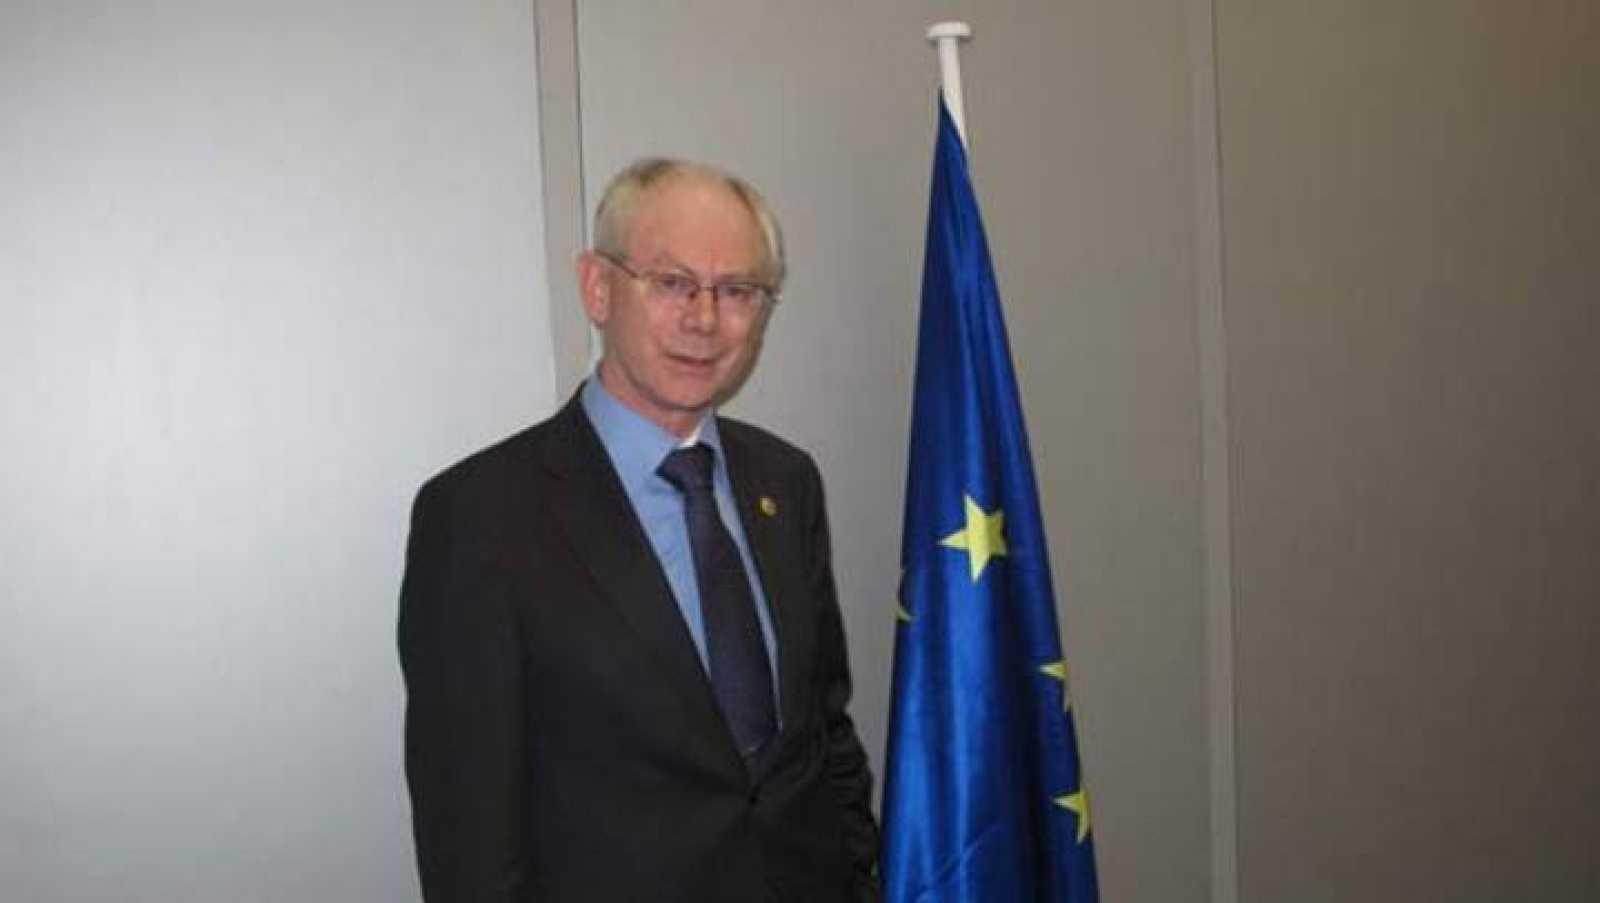 El presidente del Consejo Europeo, en su despacho de la cumbre UE-América Latina.